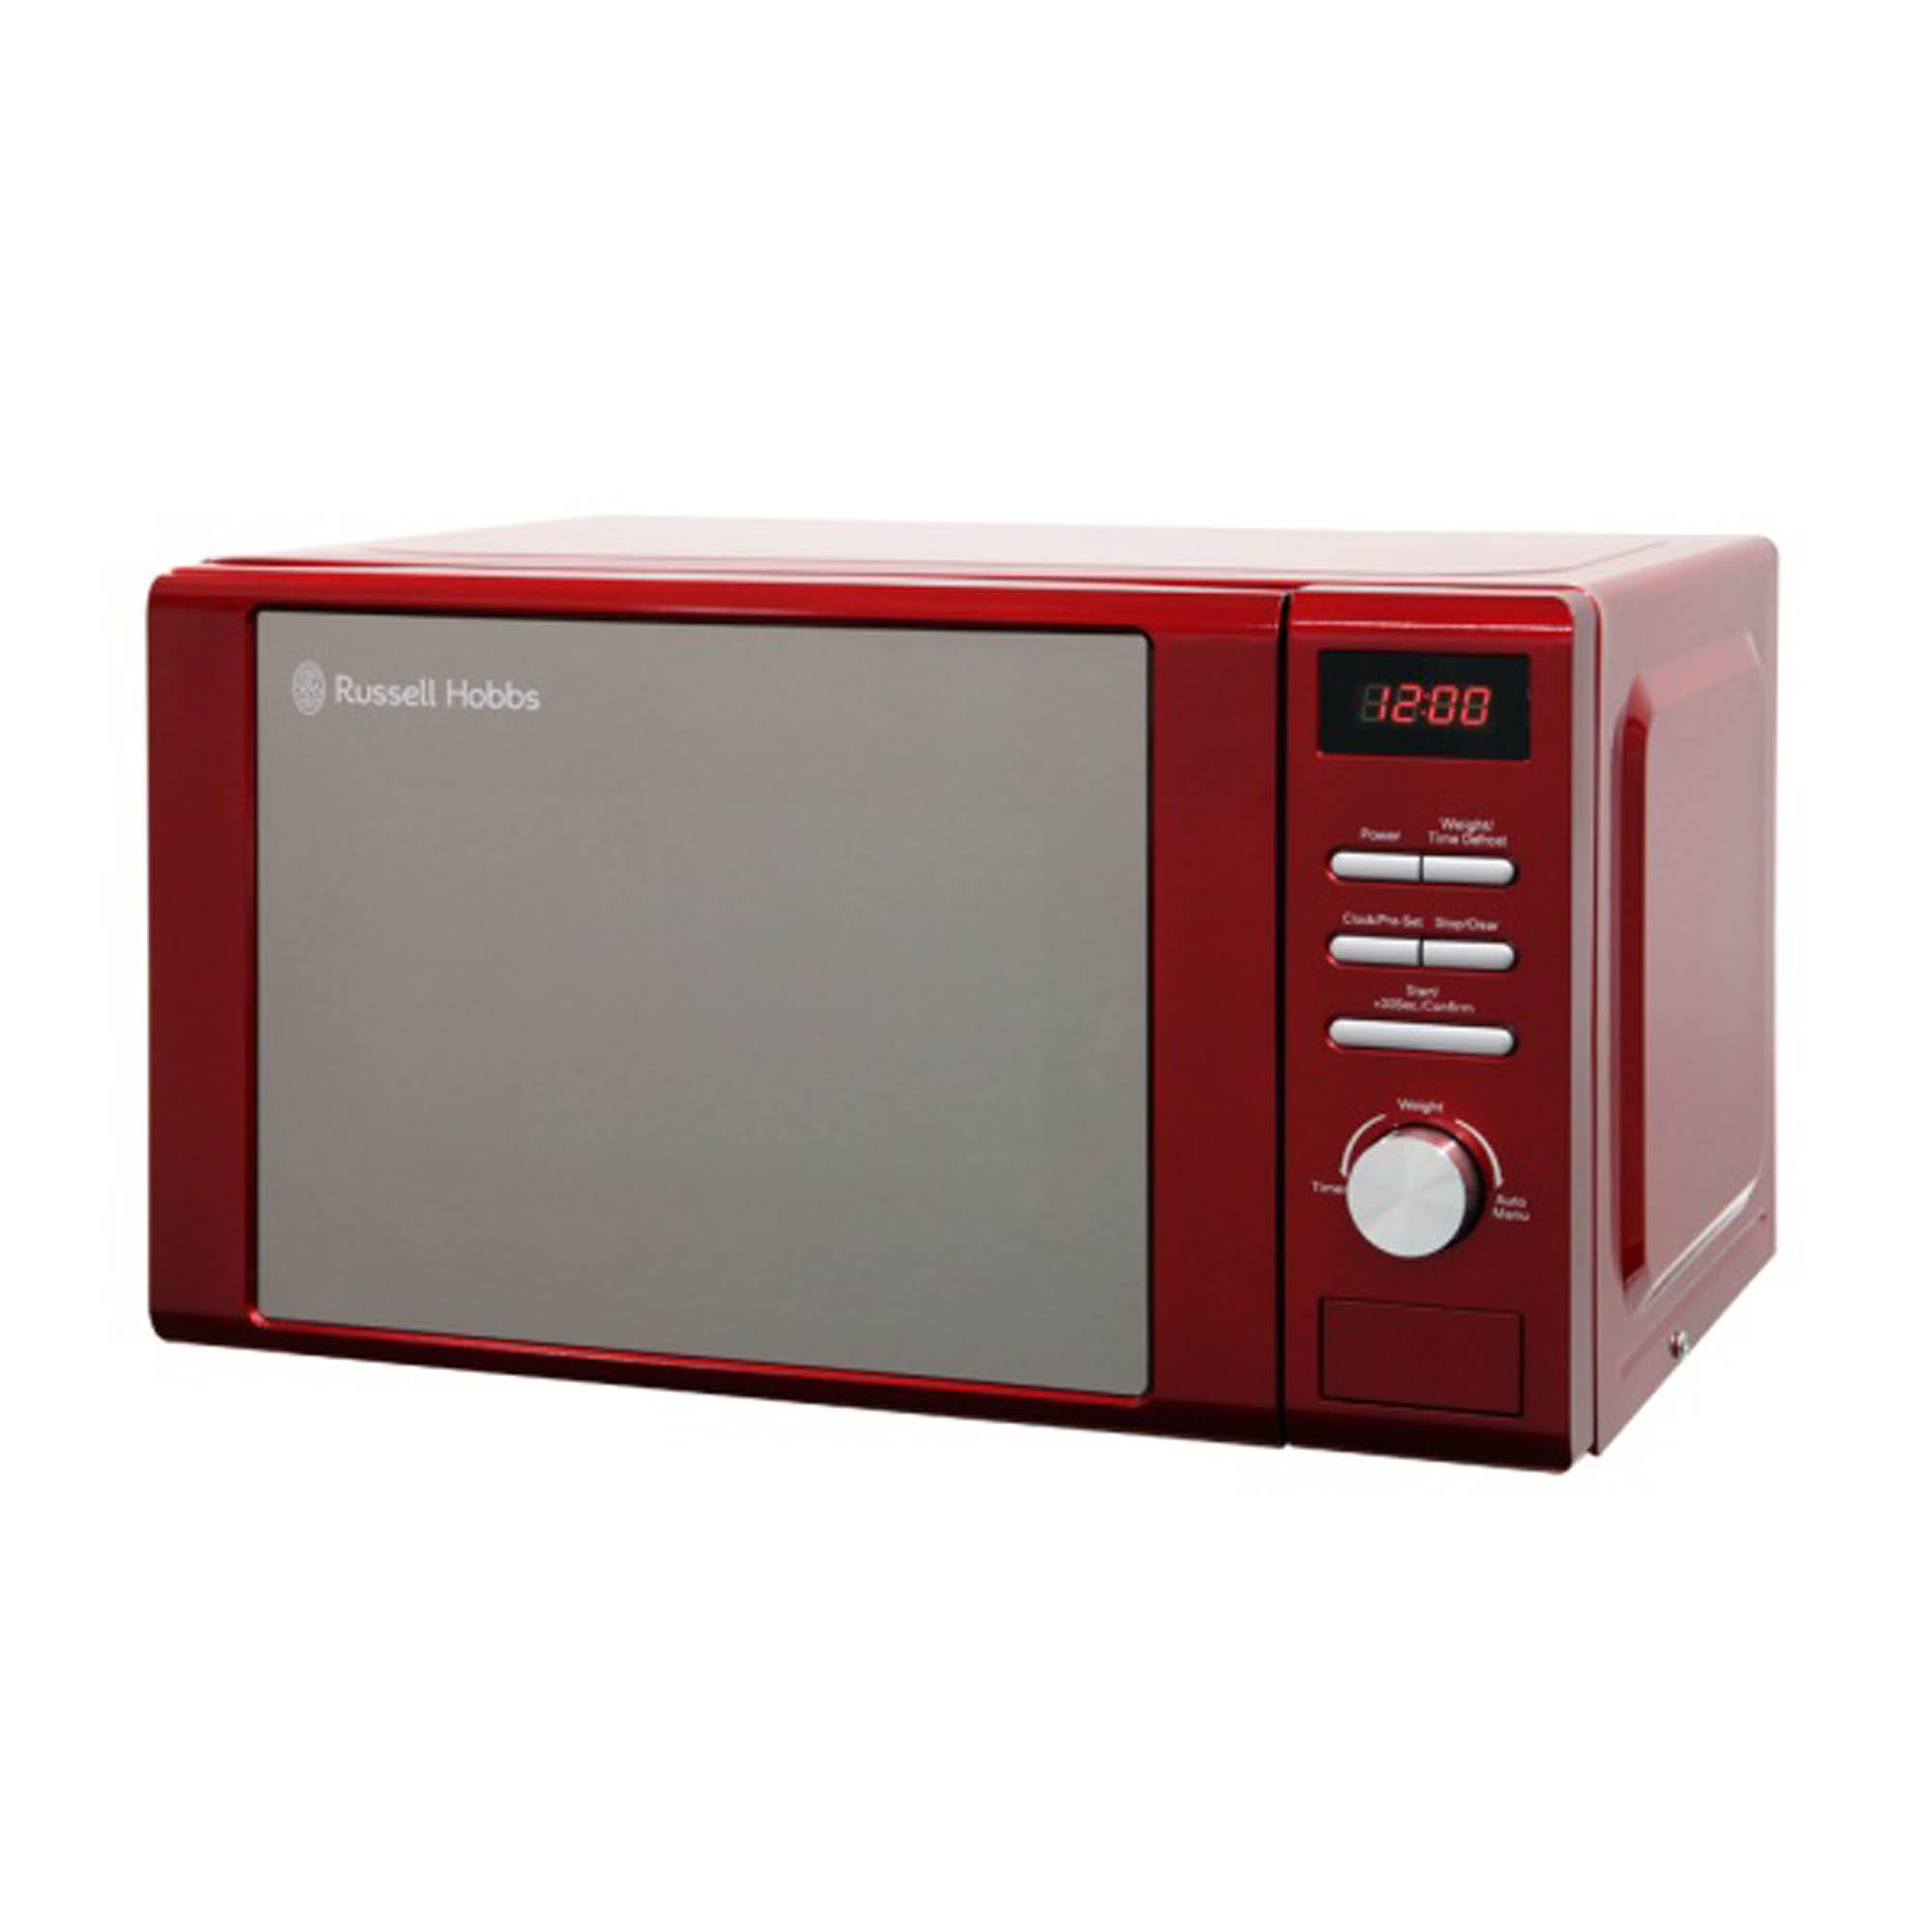 Russell Hobbs 20 Litre Digital Microwave Red - RHM2064R